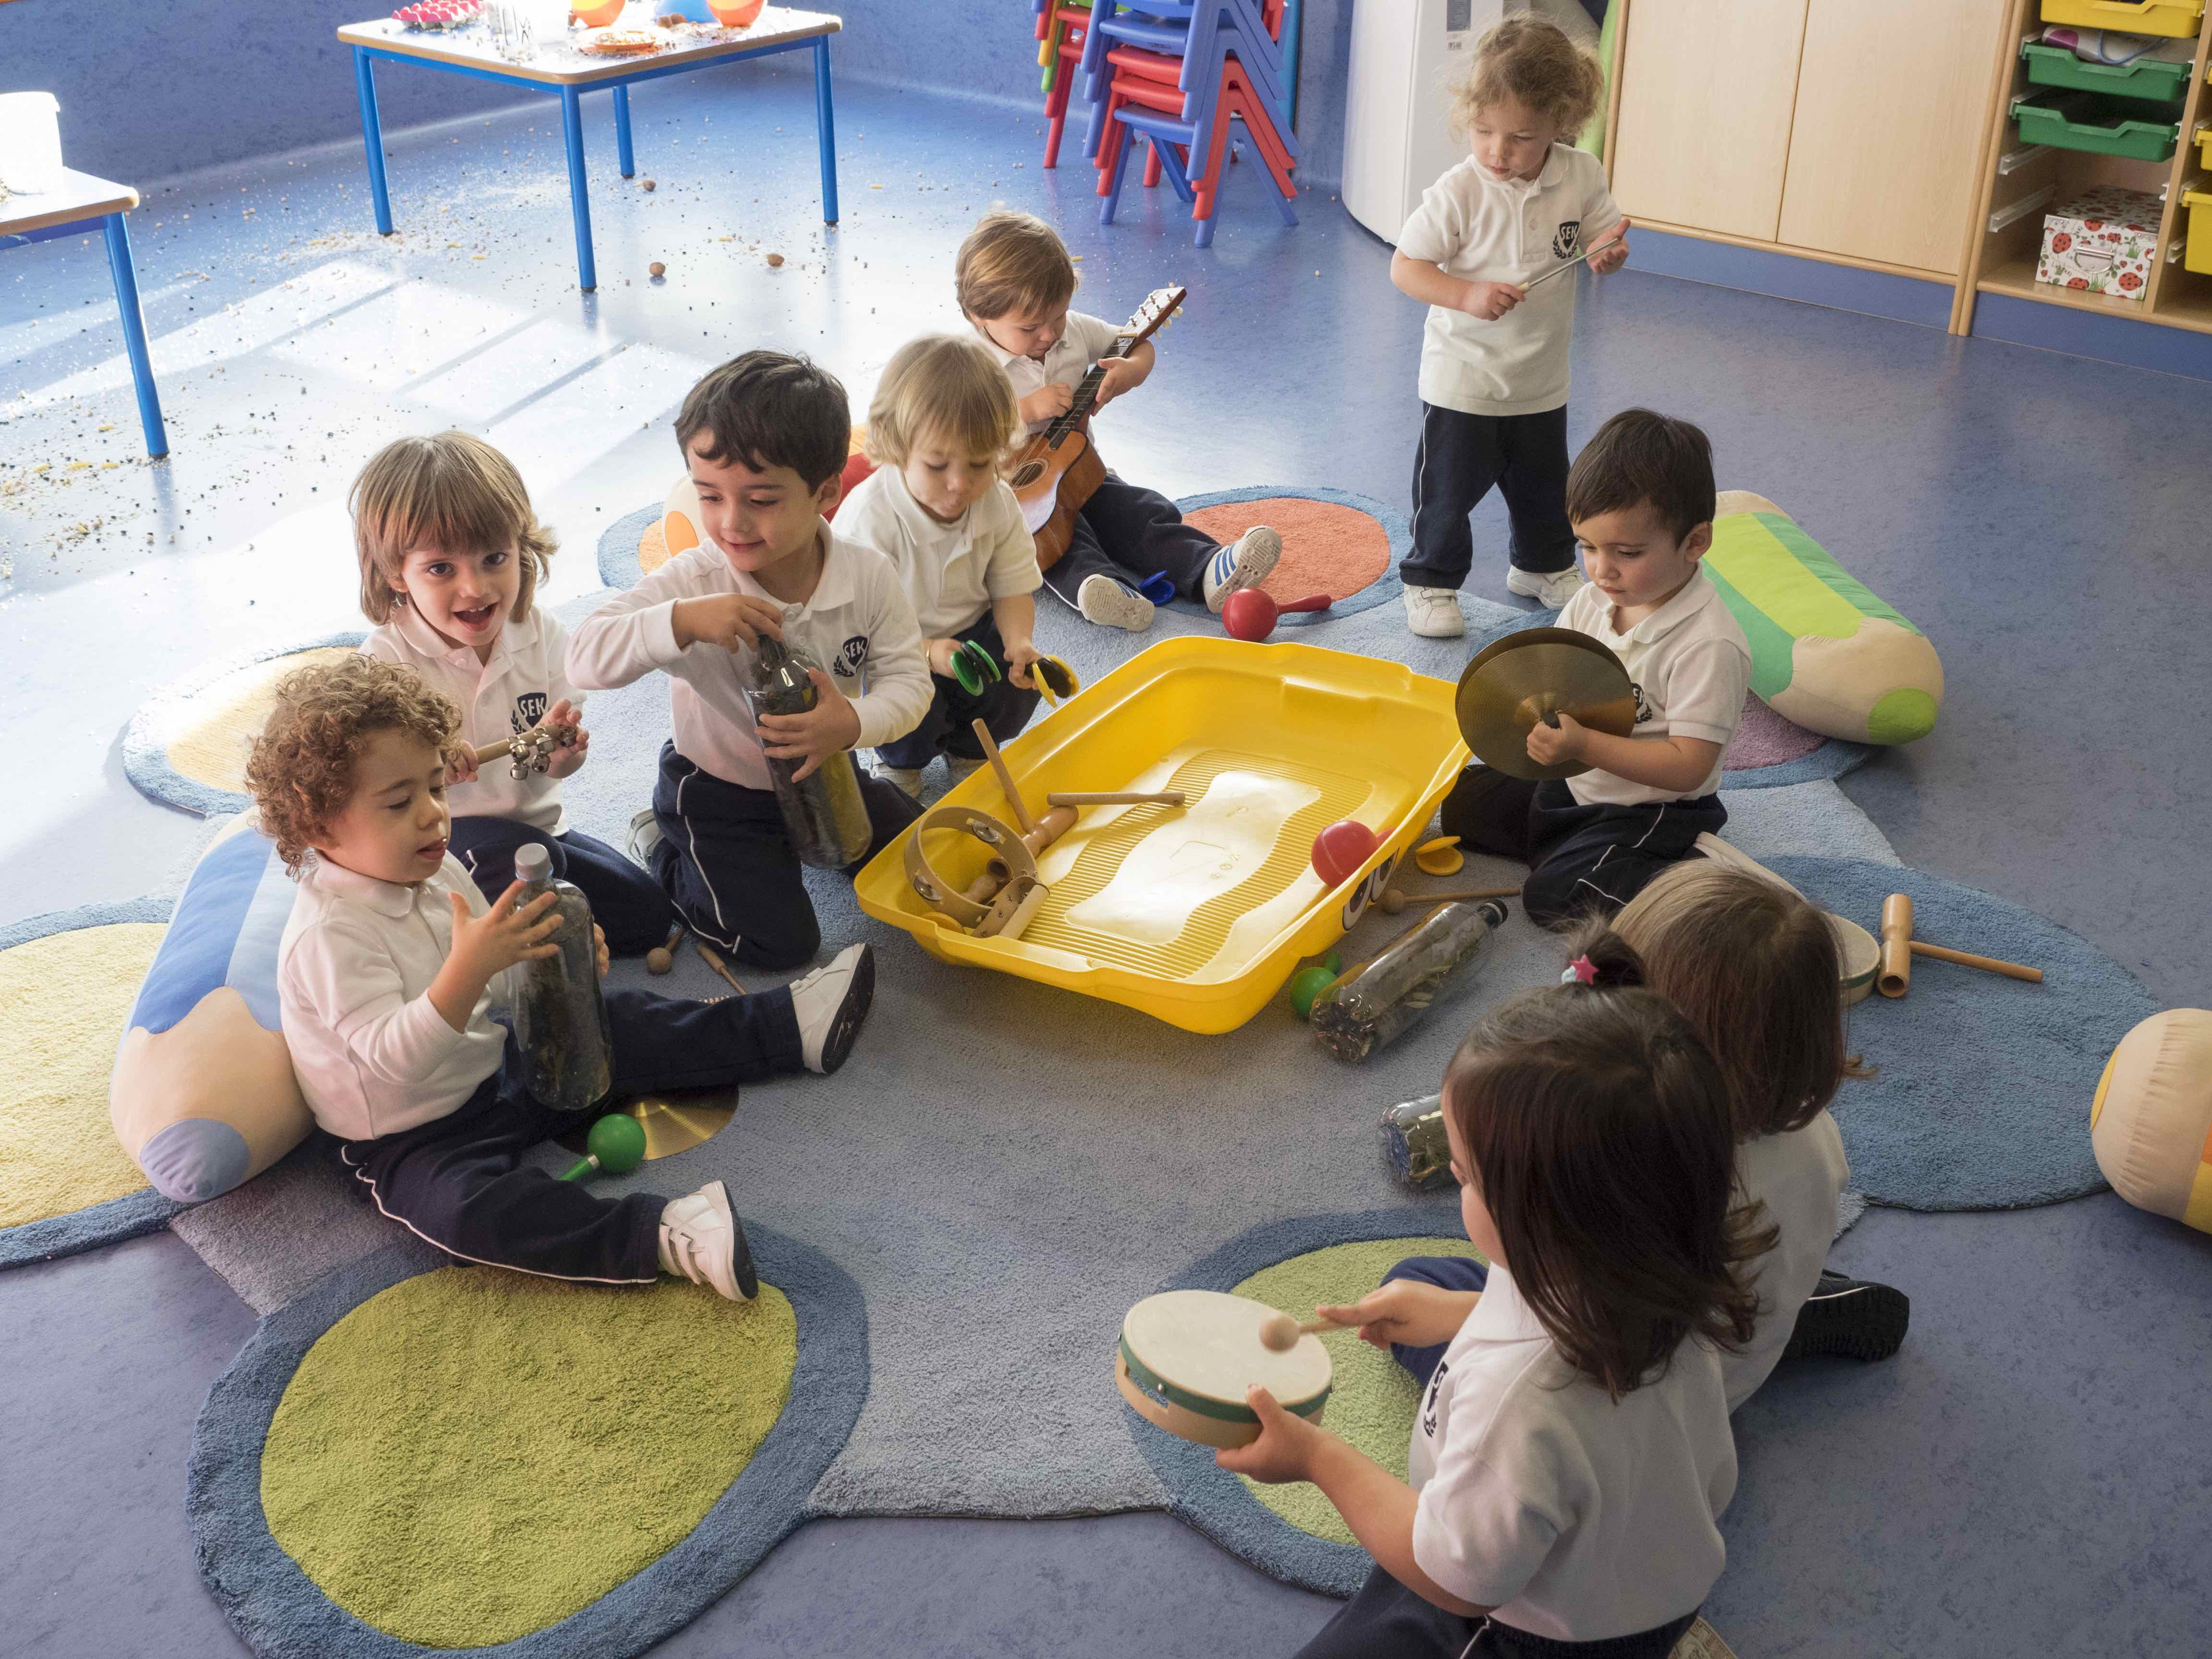 escuela infantil pontevedra